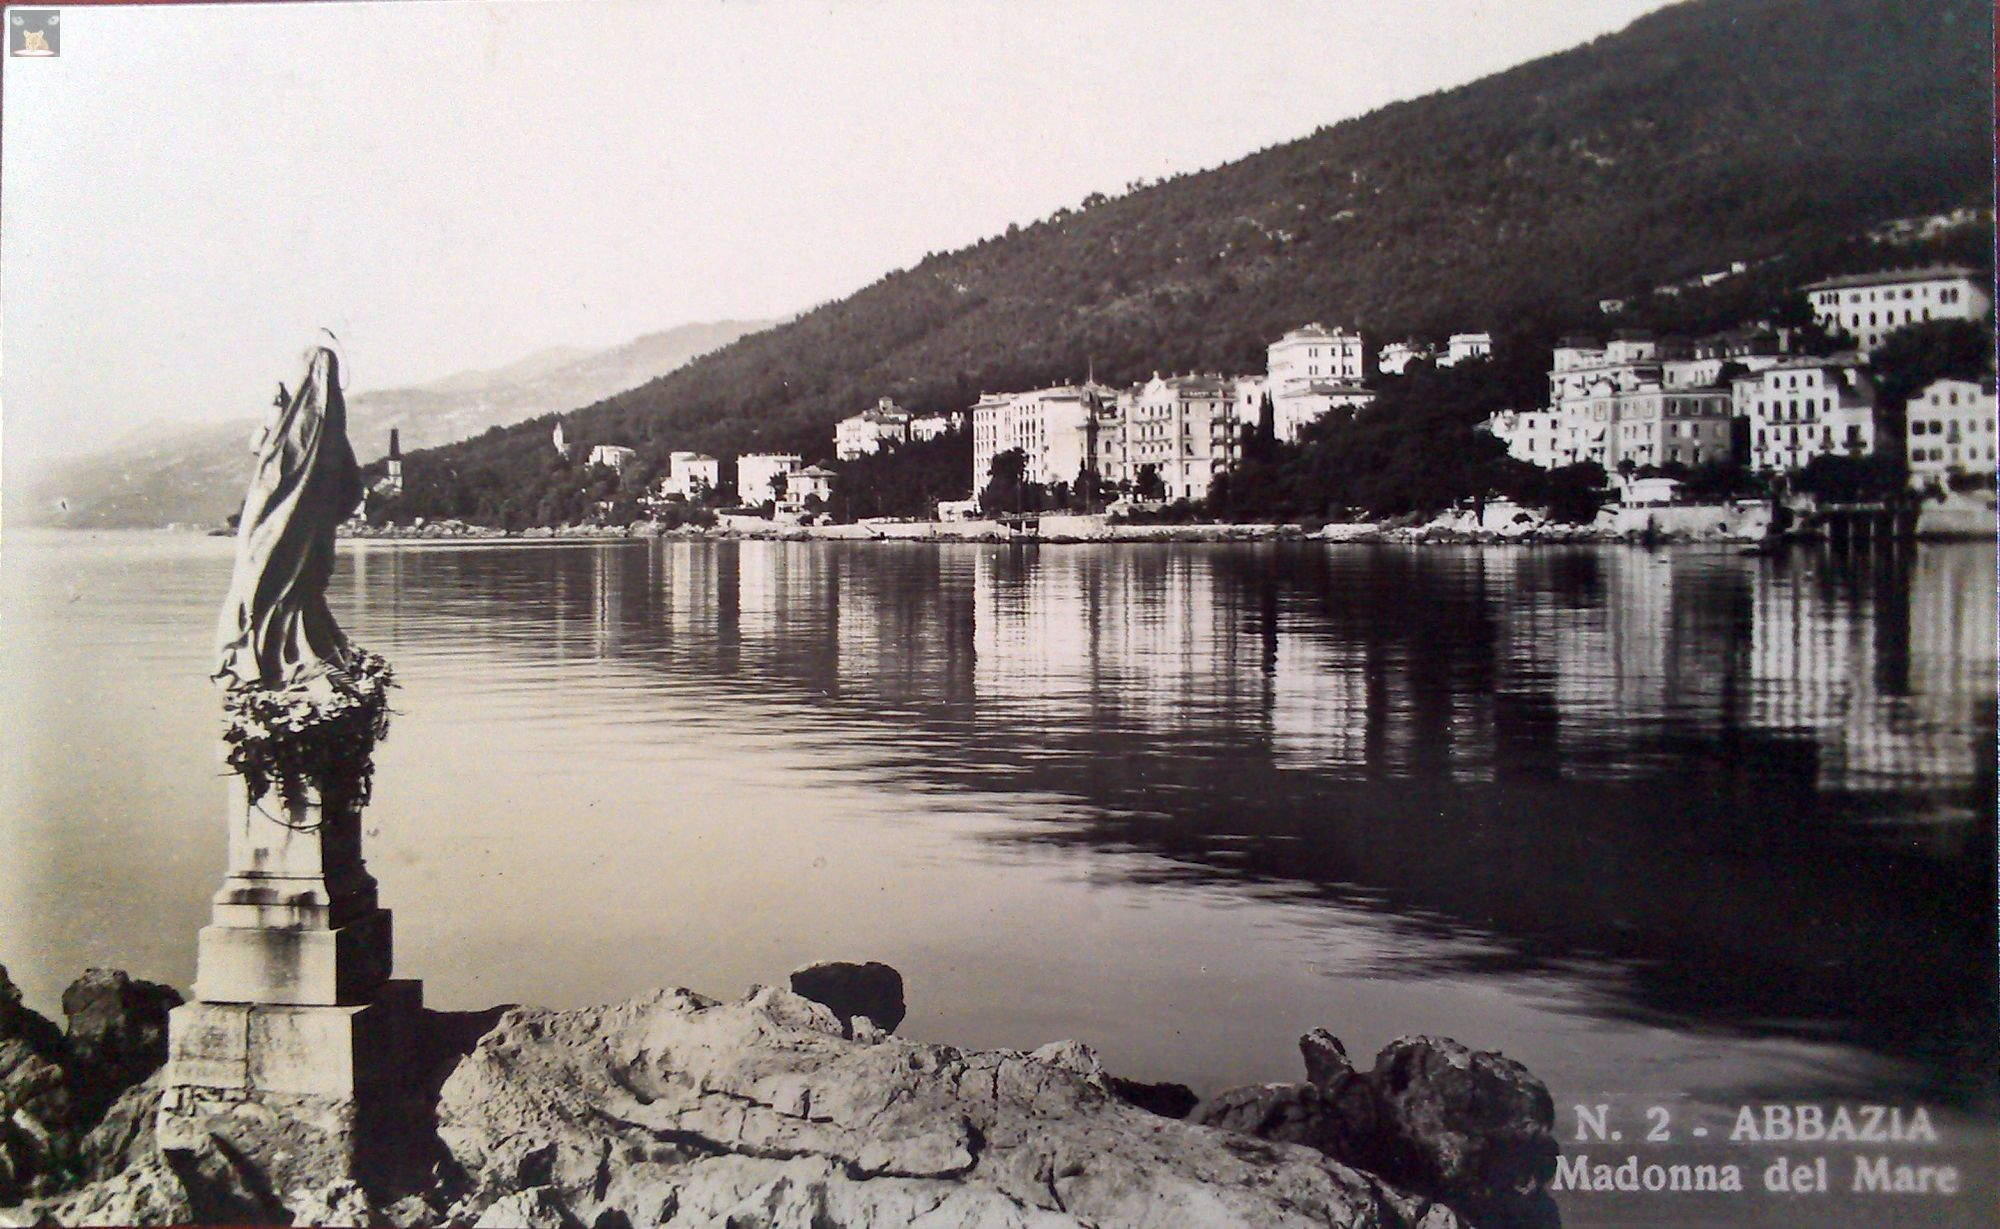 madonna sirocco del mare abbazia